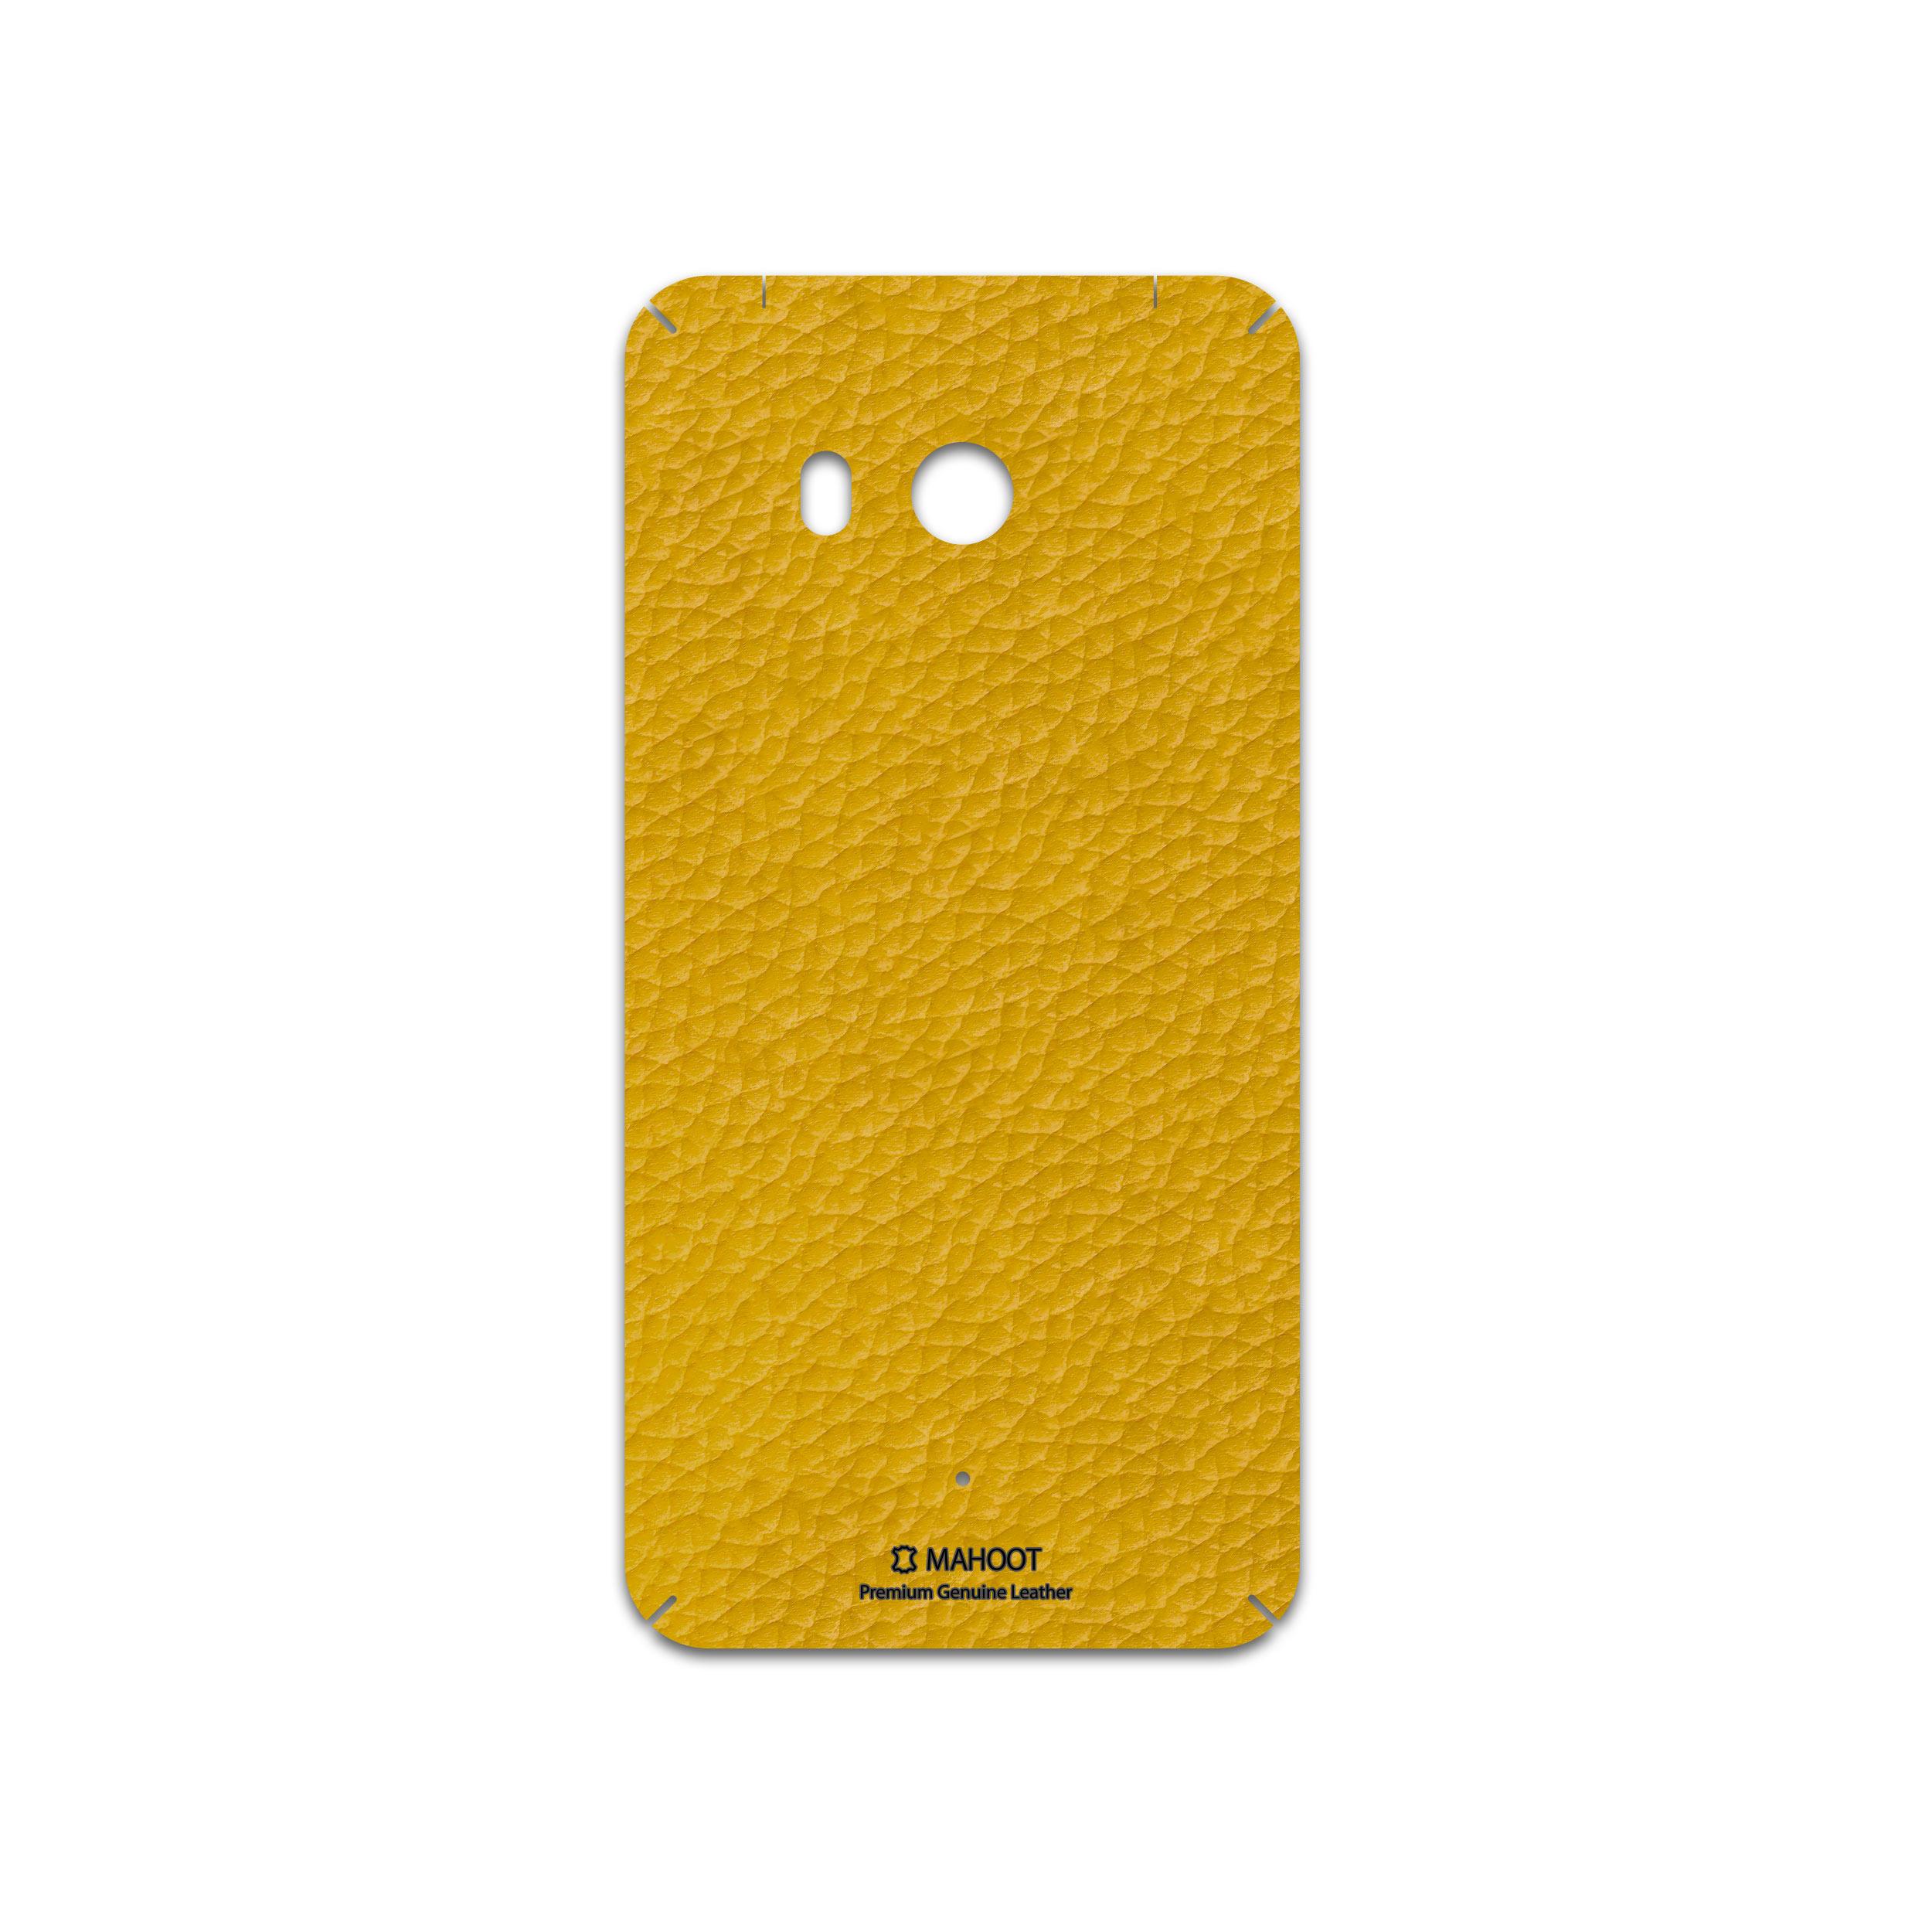 برچسب پوششی ماهوت مدل Mustard-Leather مناسب برای گوشی موبایل اچ تی سی U11